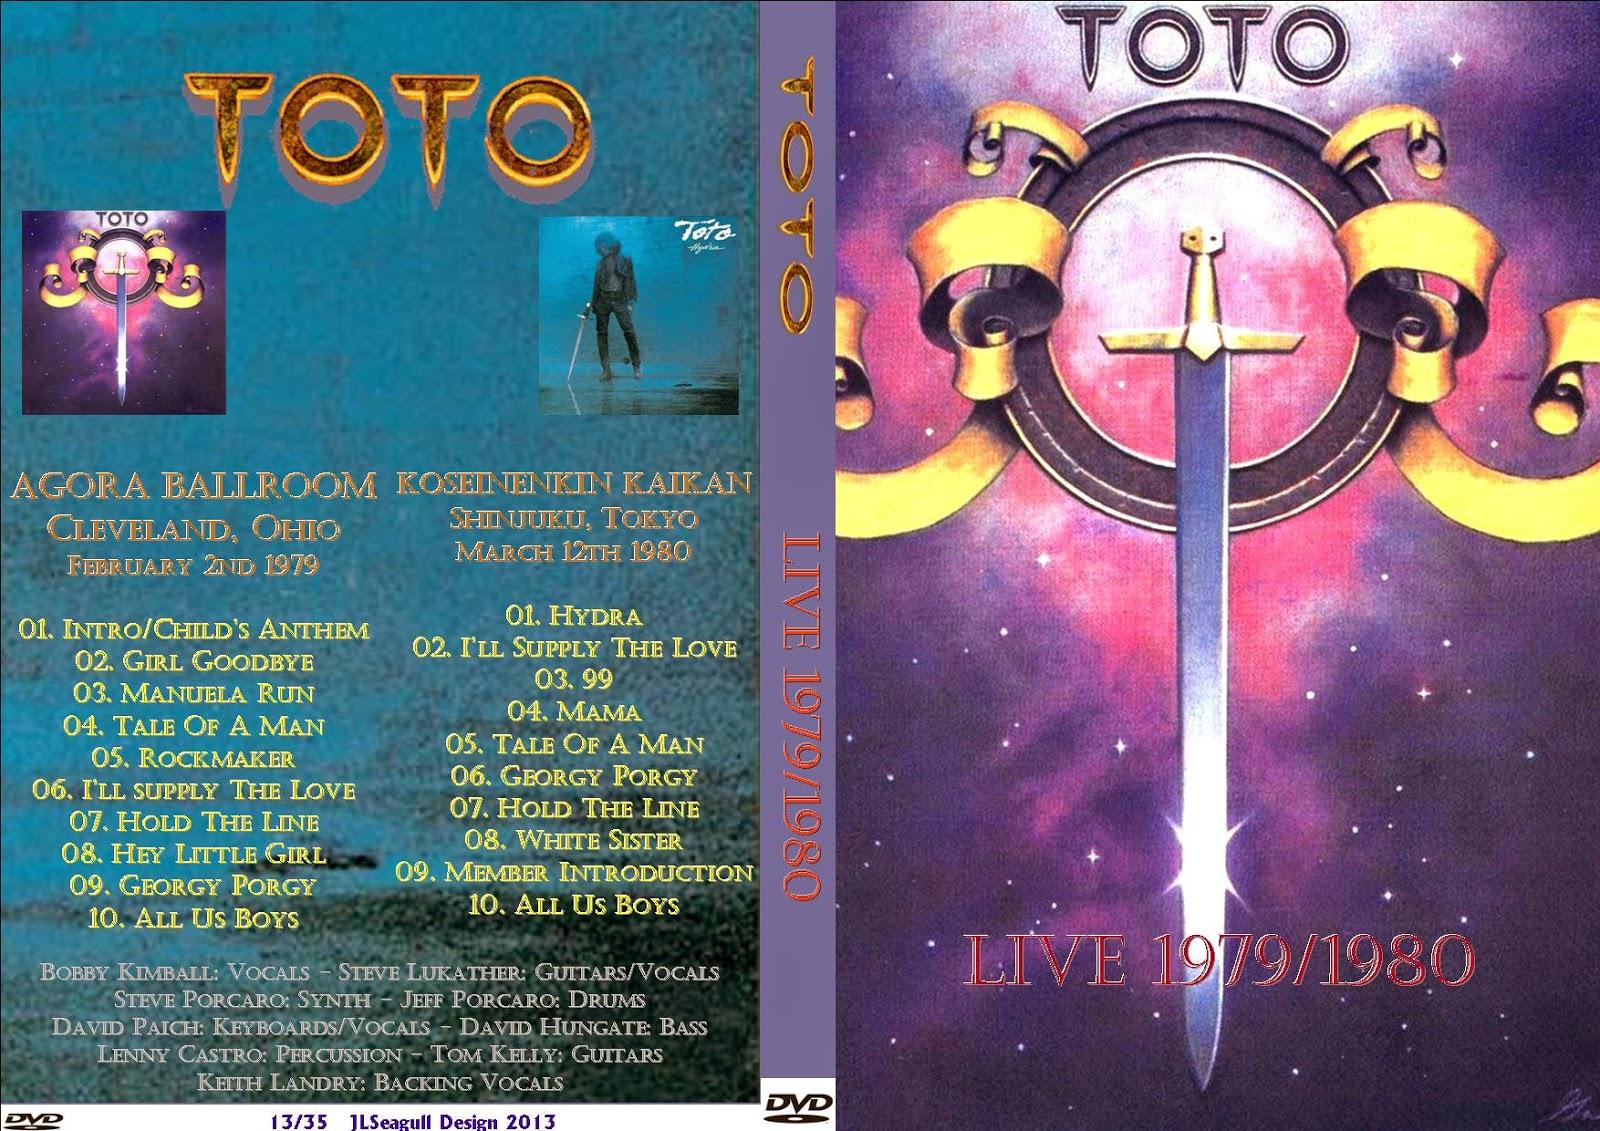 T.U.B.E.: Toto - 1979-1980 - Various (DVDfull pro-shot)